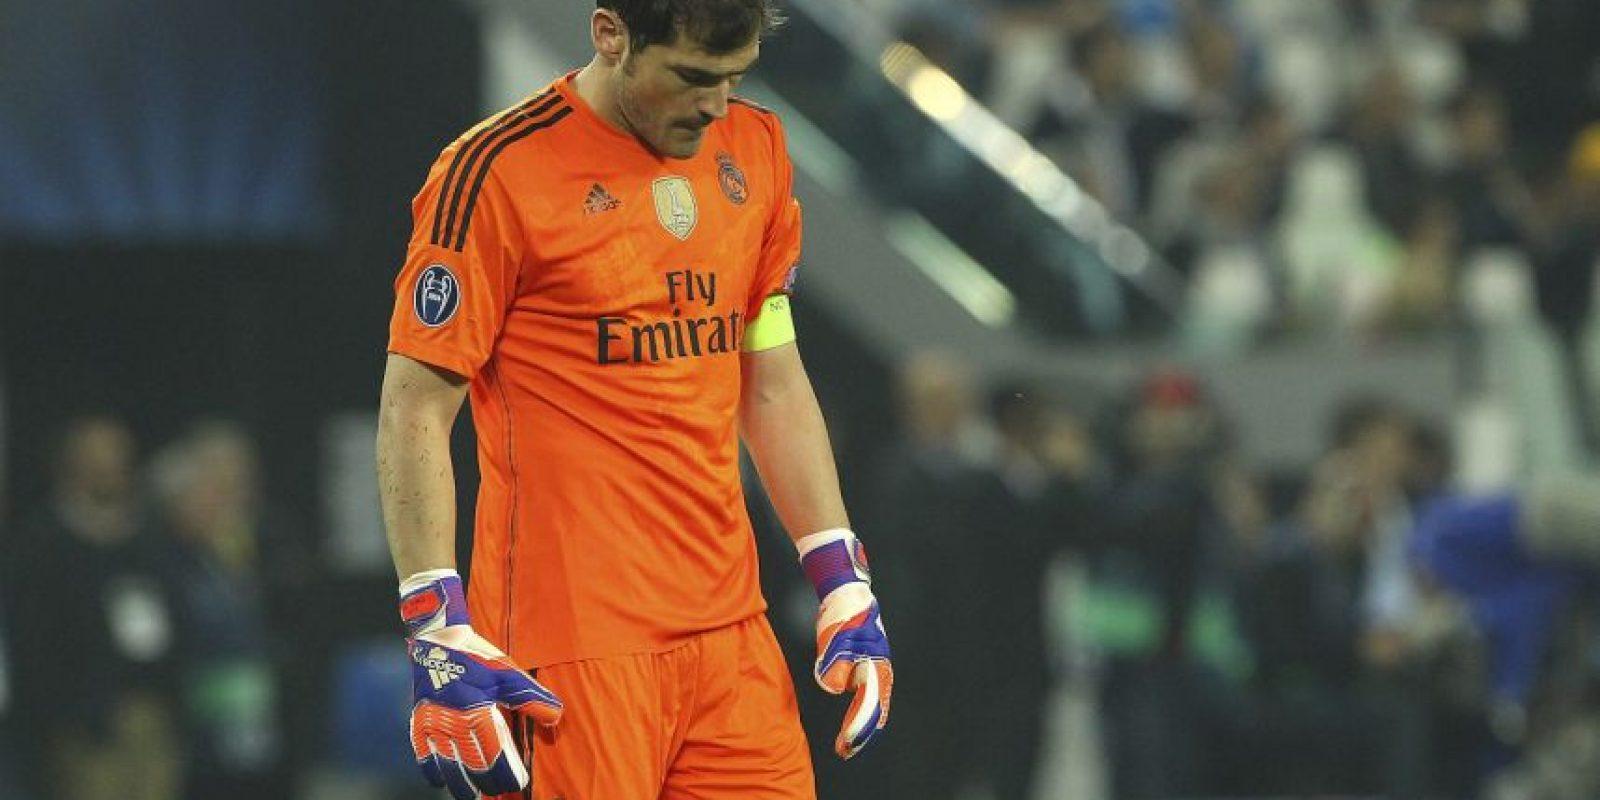 """El guardameta español sufrió fuertes críticas por su baja de juego en sus últimos tiempos como """"merengue"""" Foto:Getty Images"""